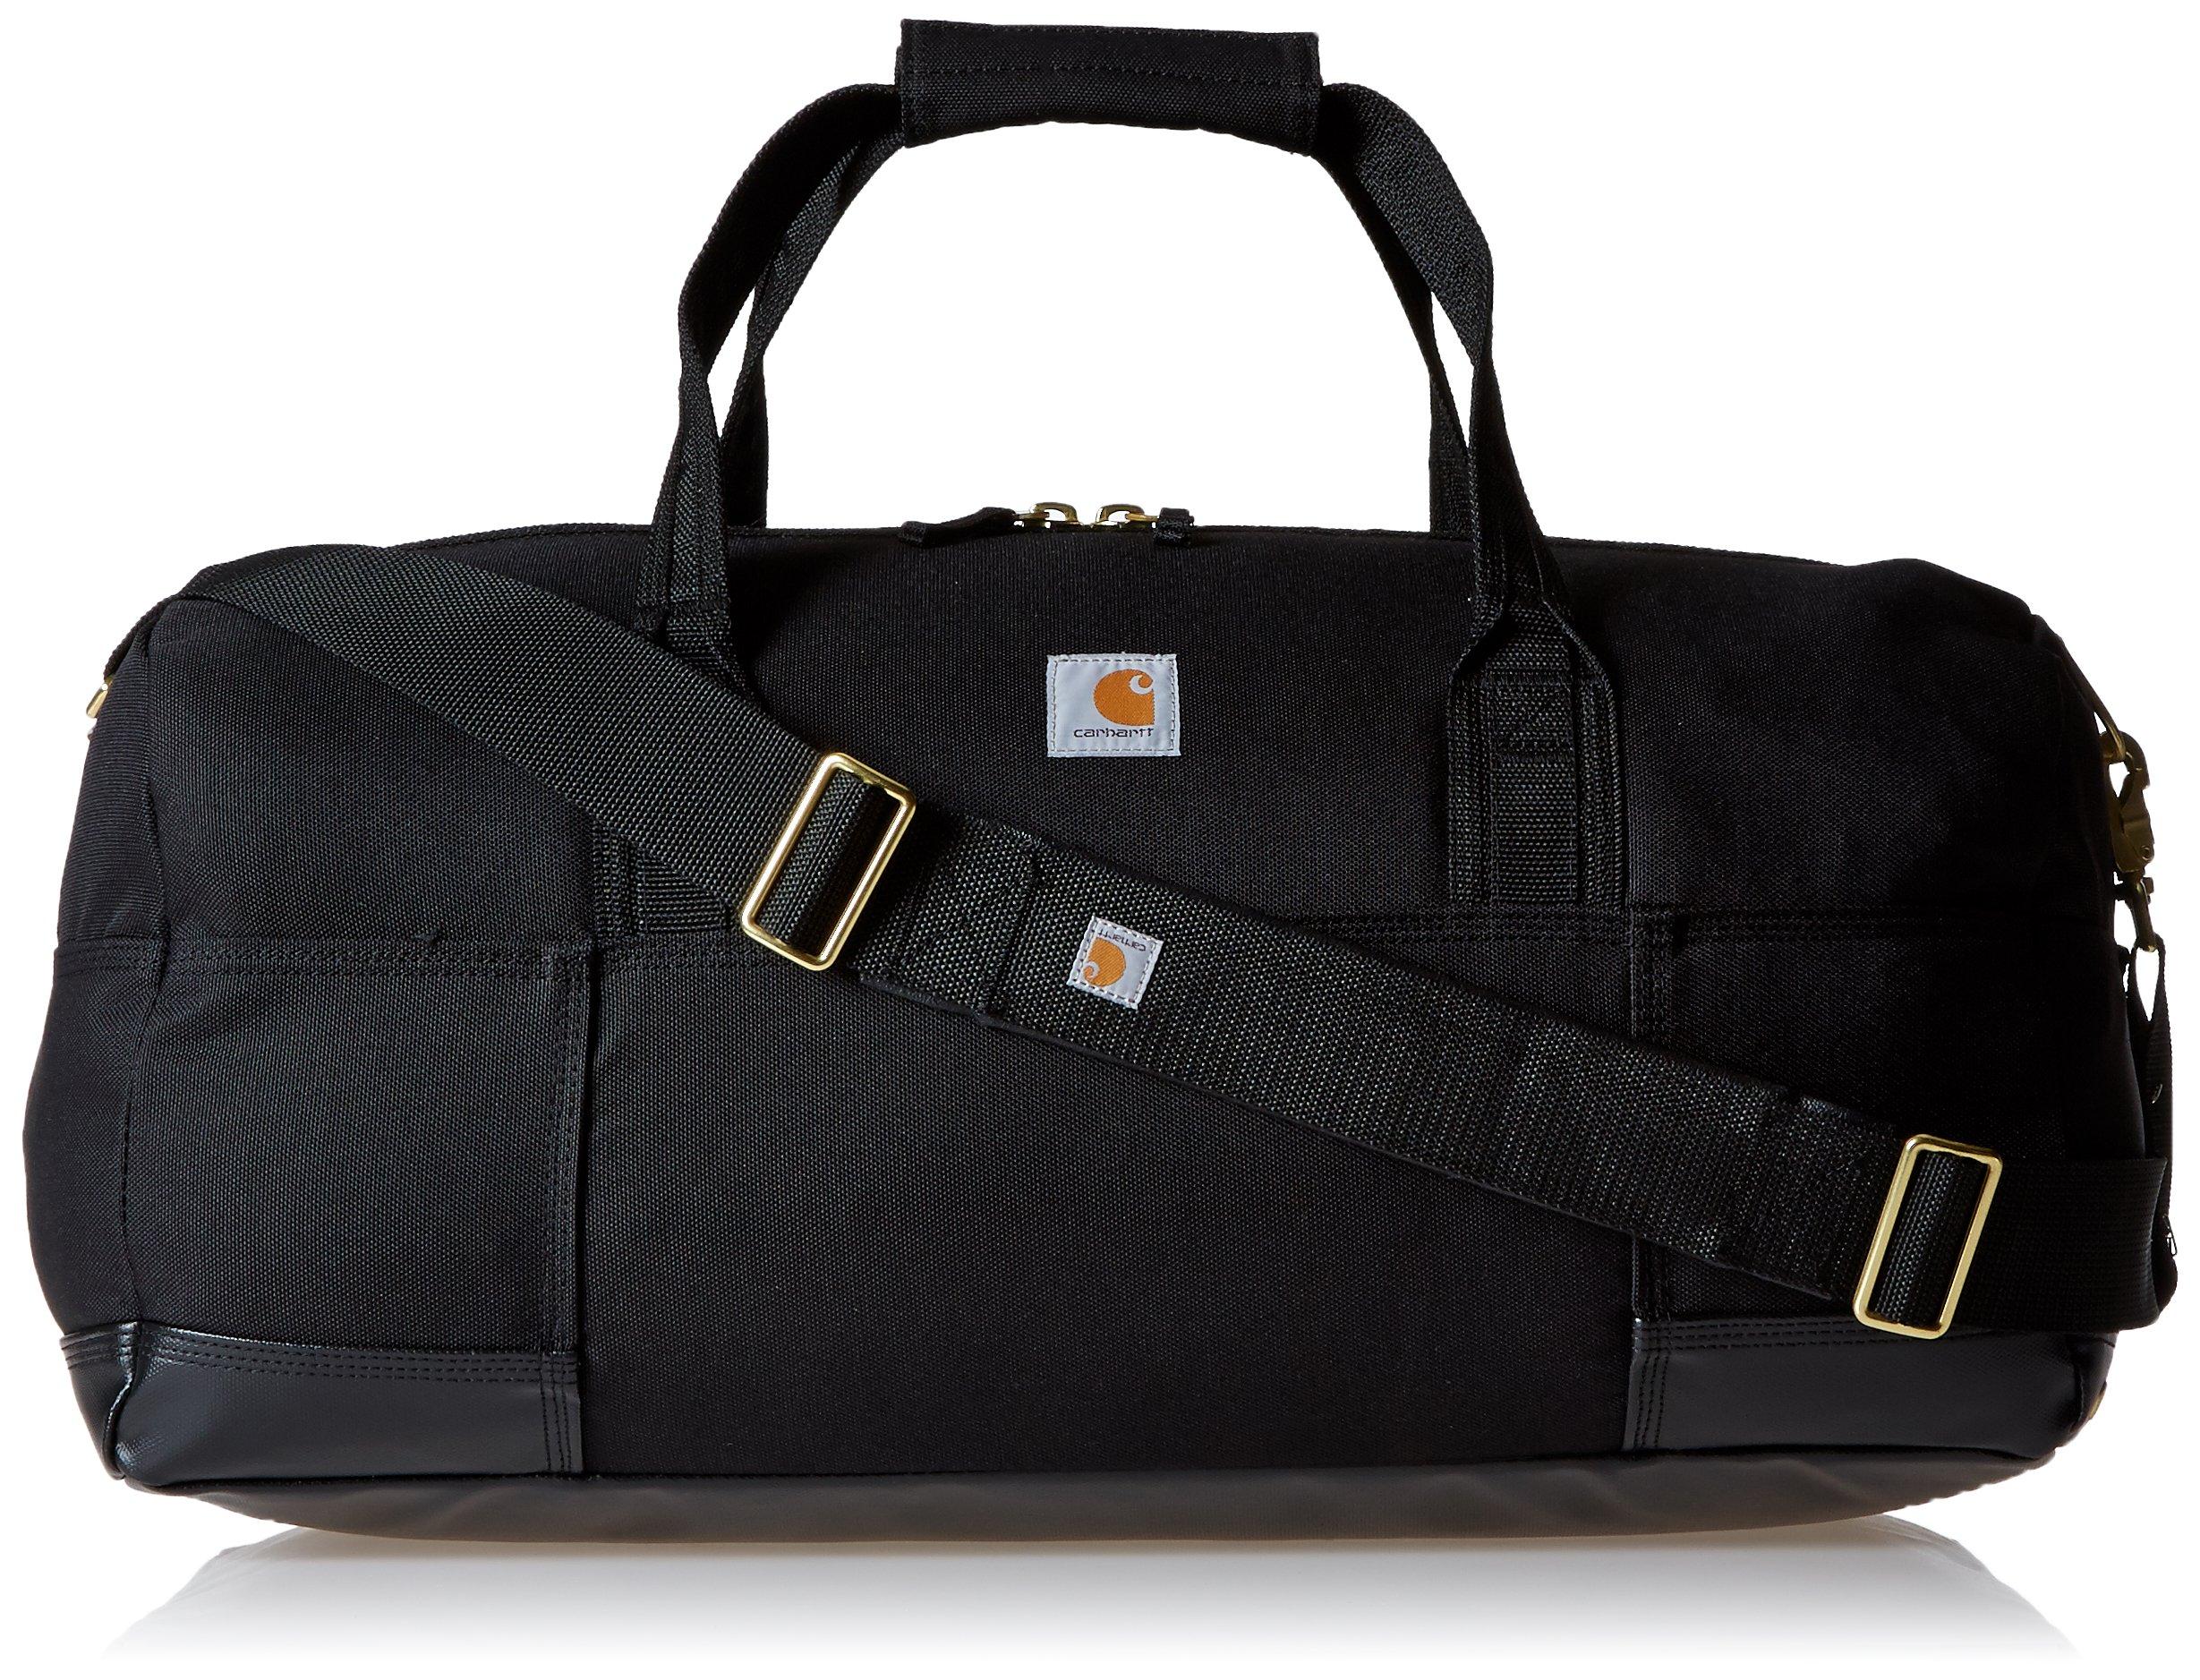 Carhartt Legacy Gear Bag 23 inch, Black